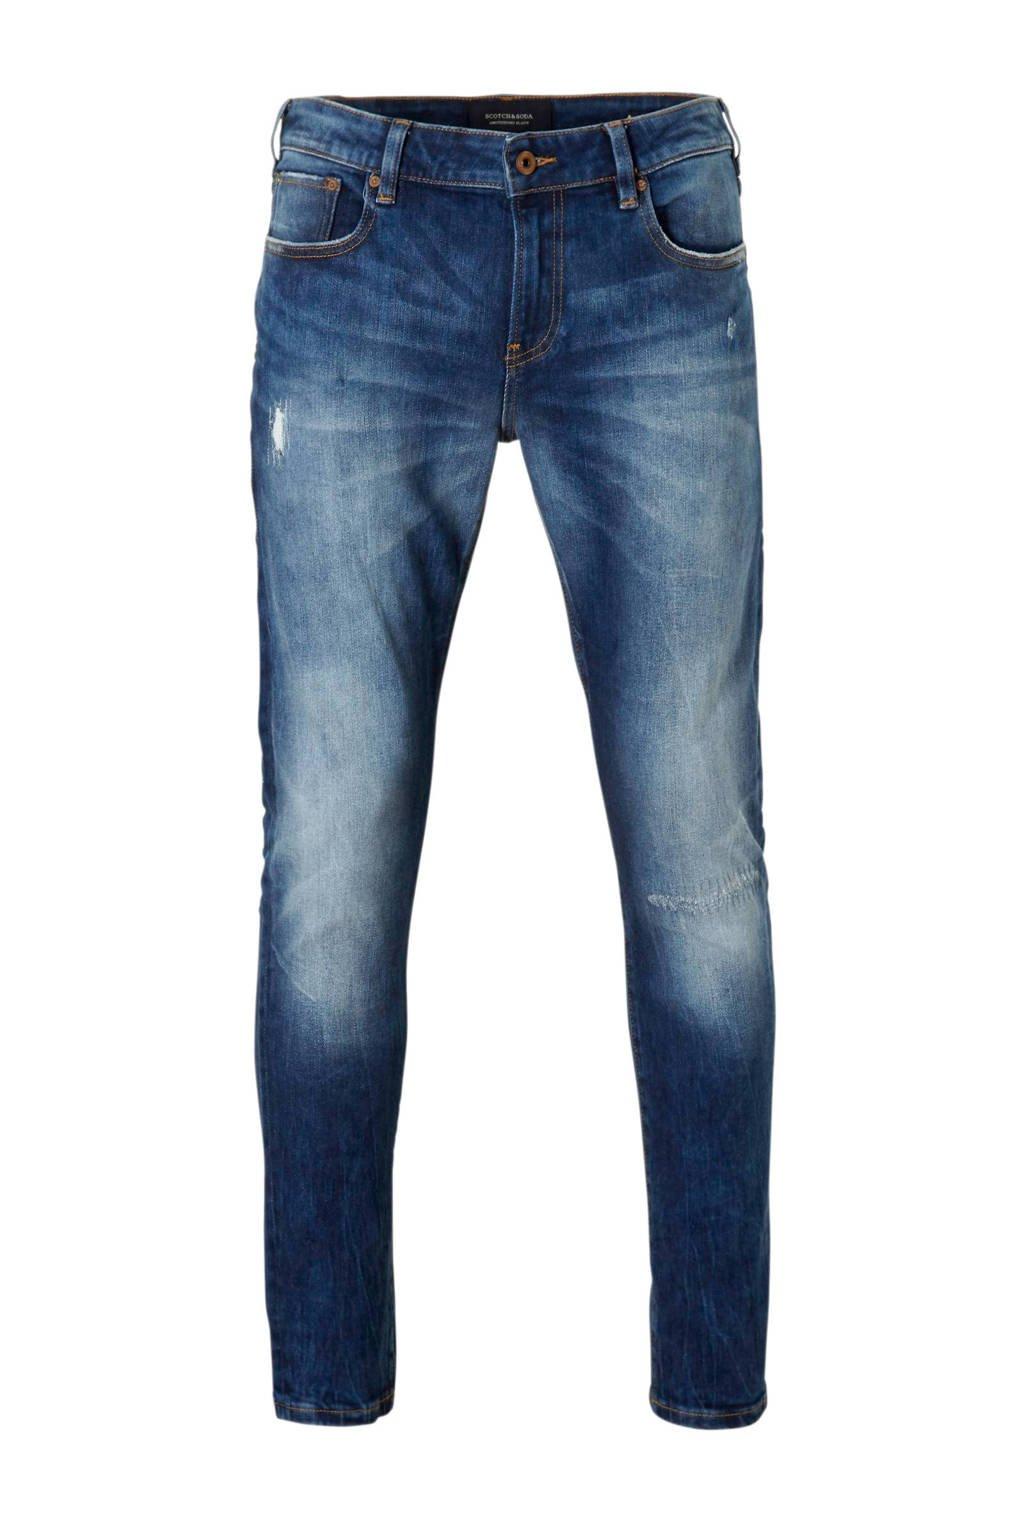 Scotch & Soda skinny fit jeans Skim, Blauw